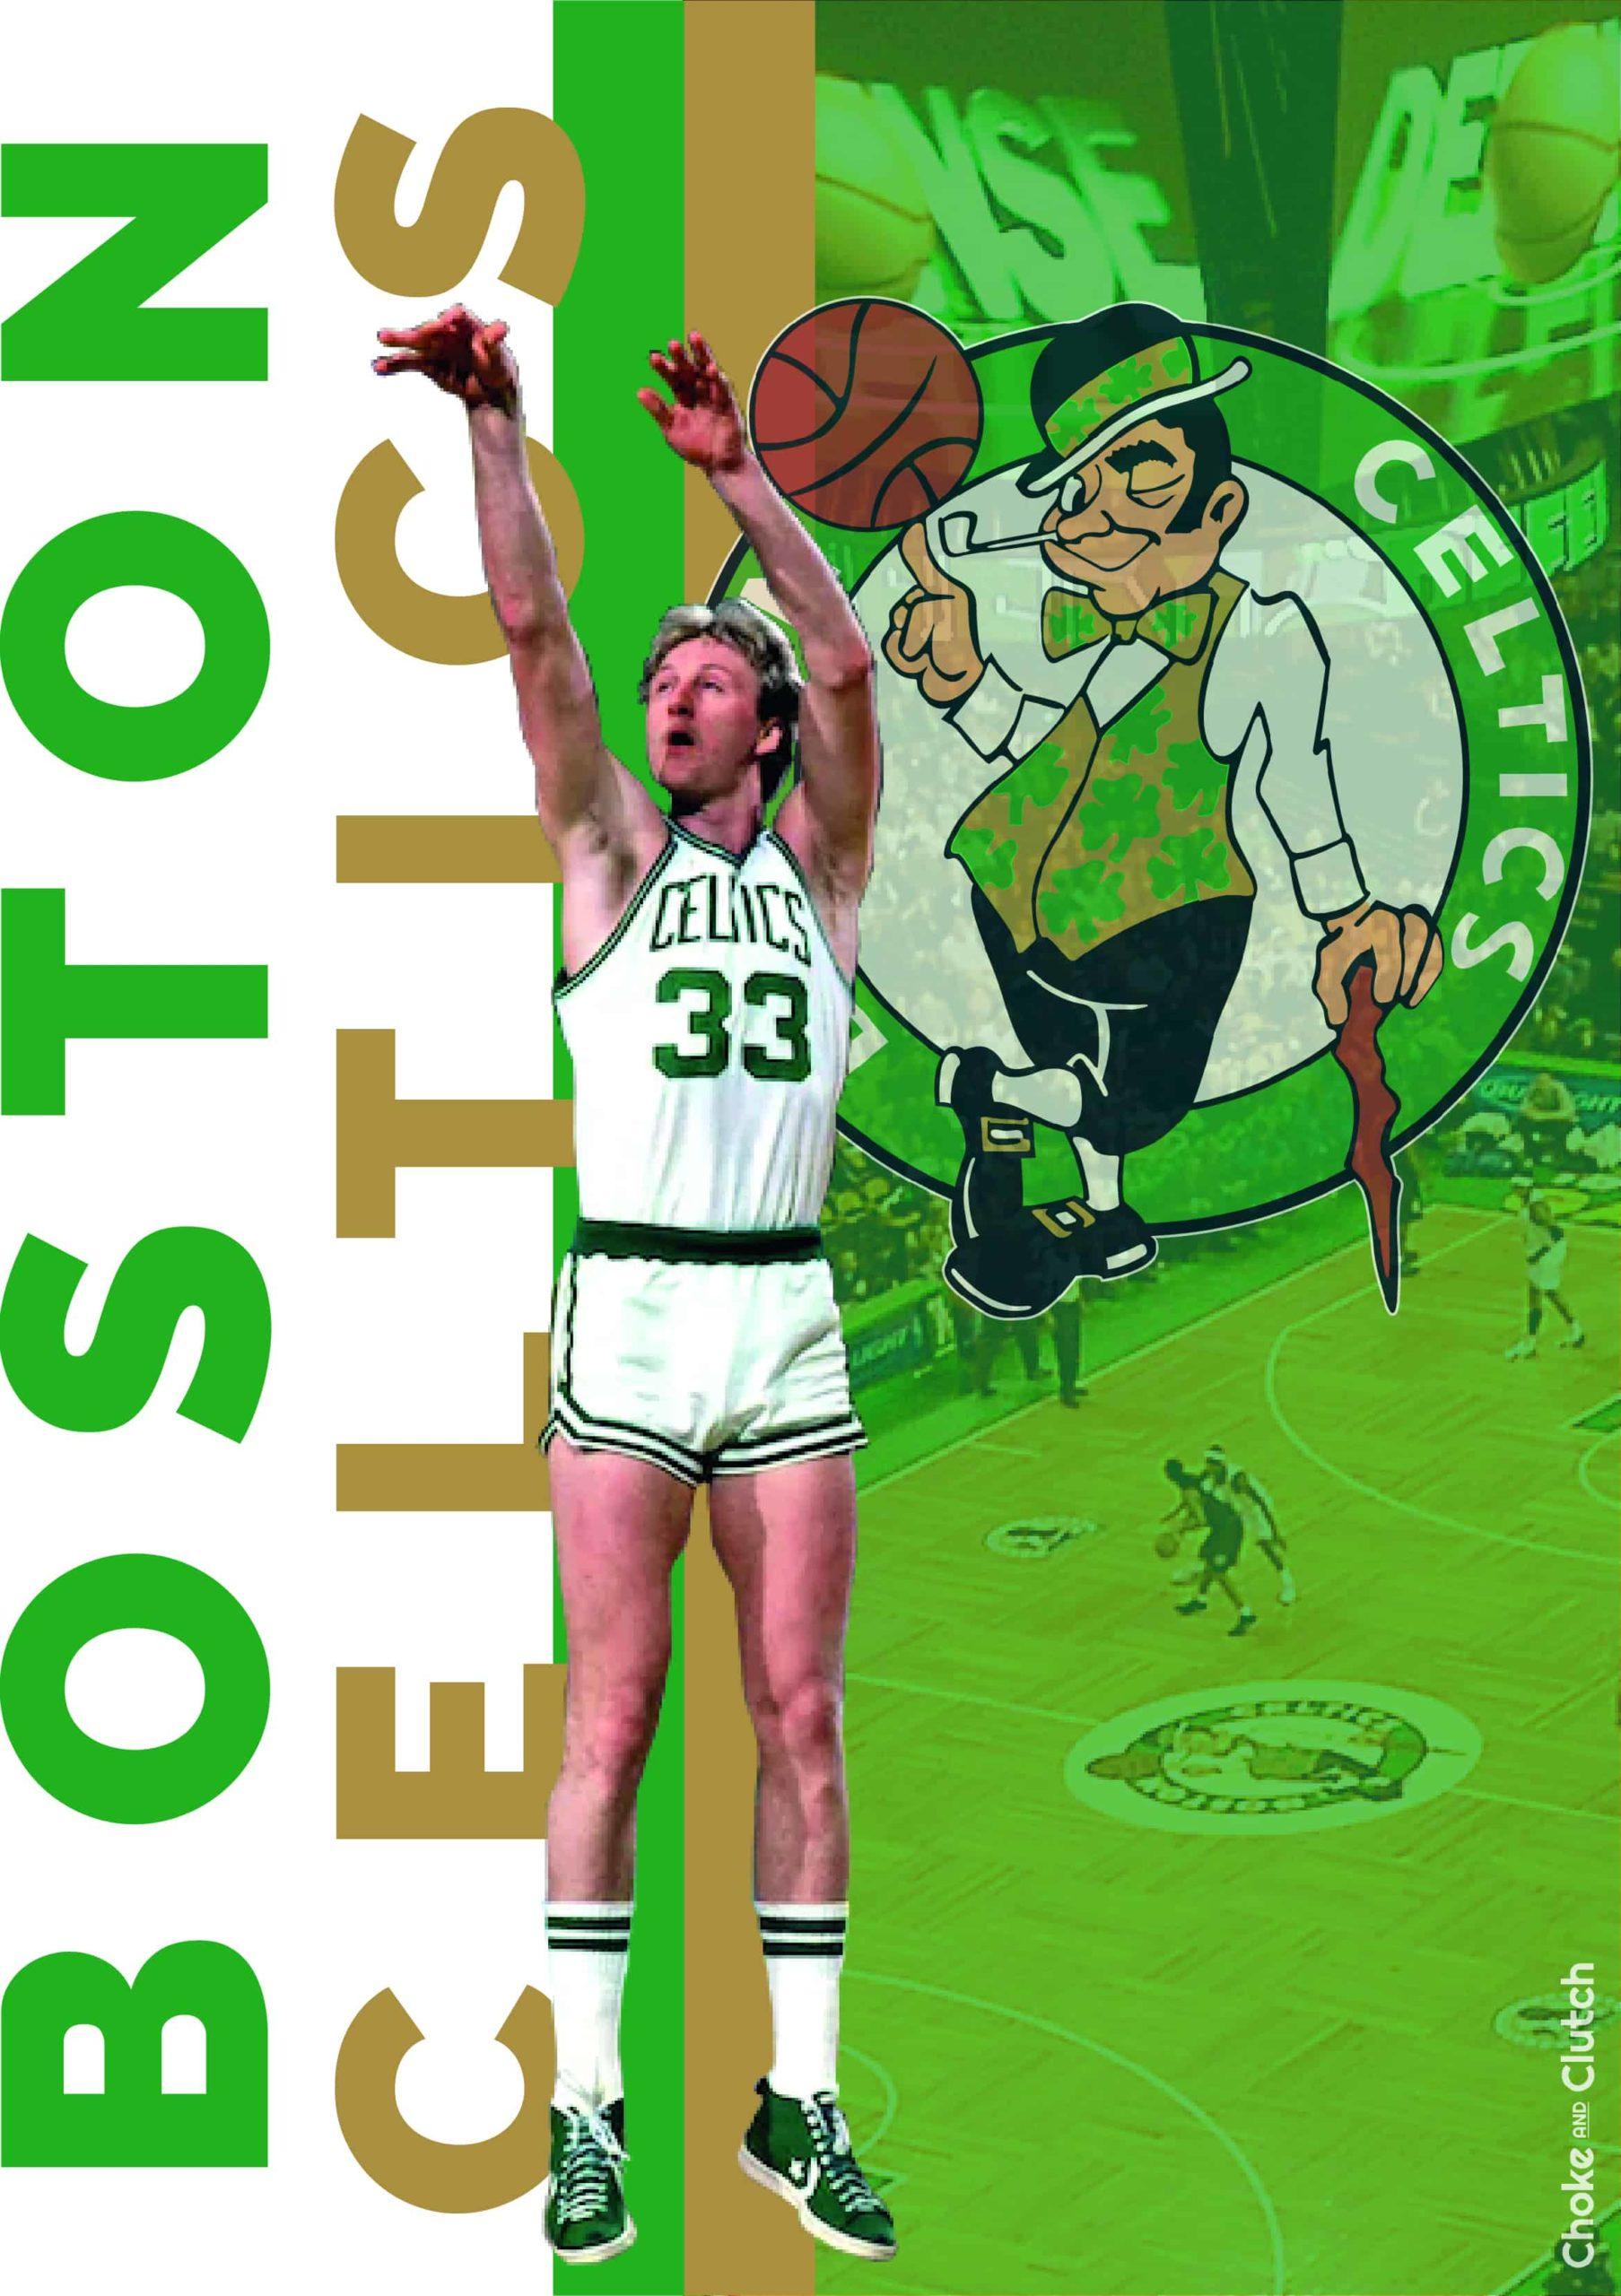 Histoire de la franchise NBA des Celtics de Boston